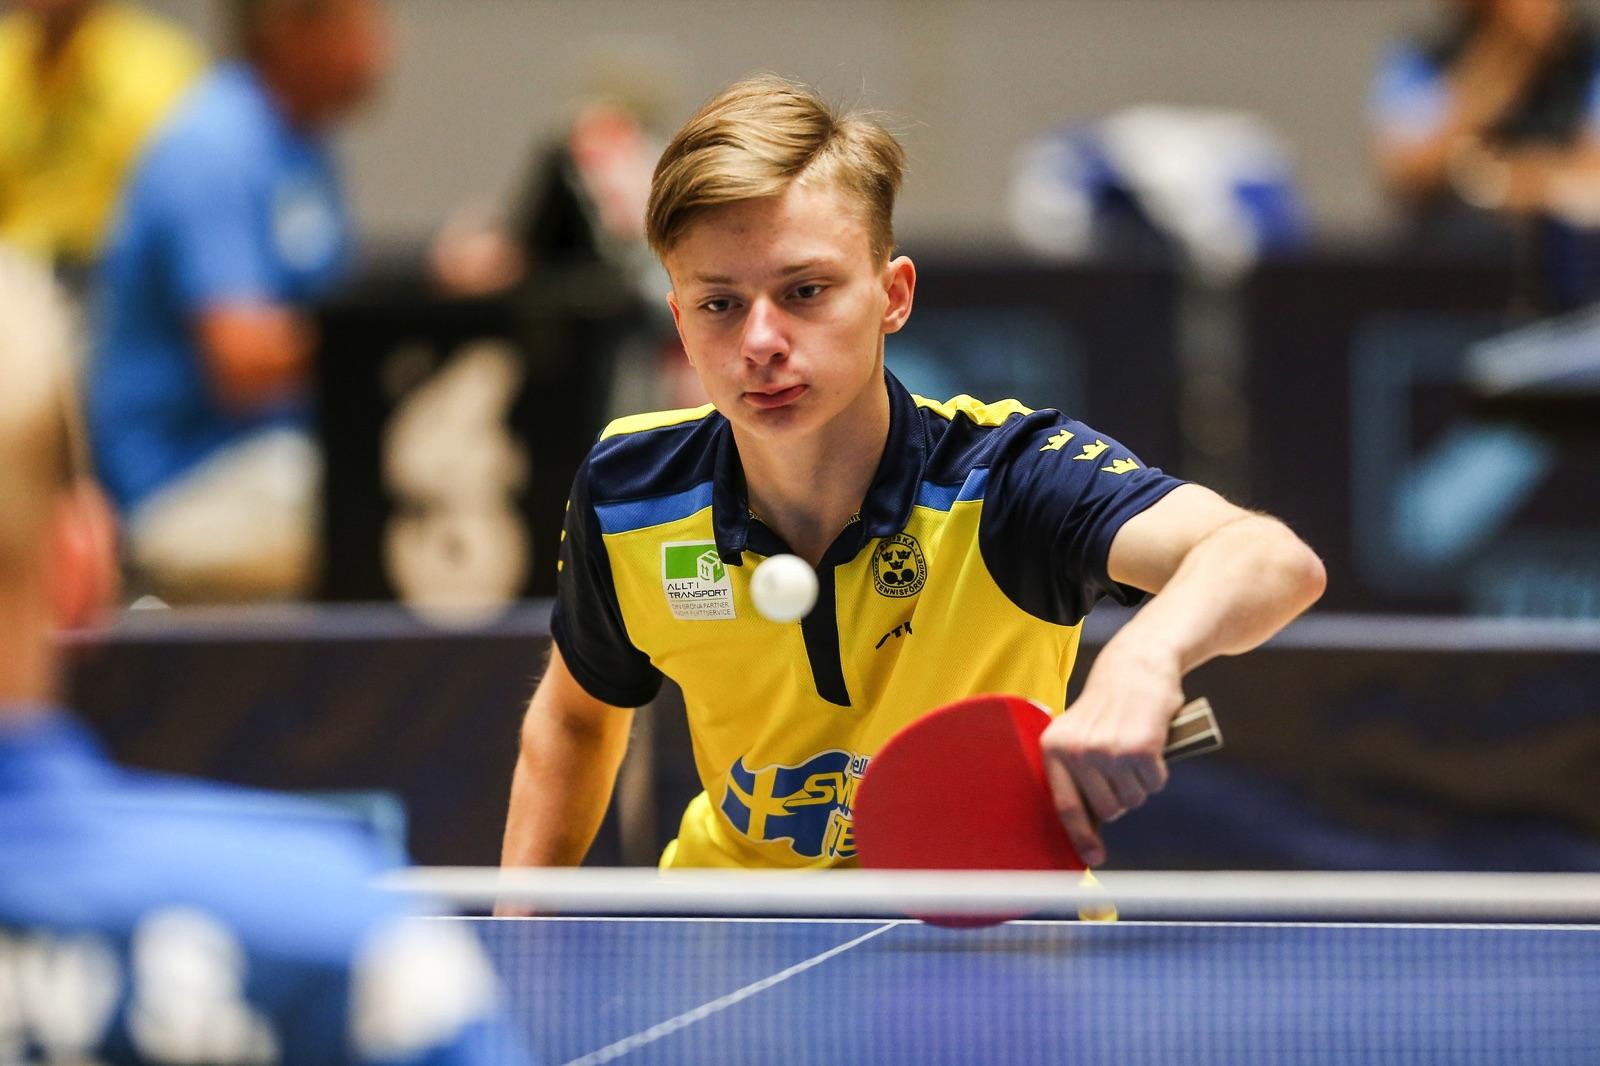 15-årige Isak Nyholm är yngst i den svenska truppen som tagits ut till Para-EM i bordtennis.